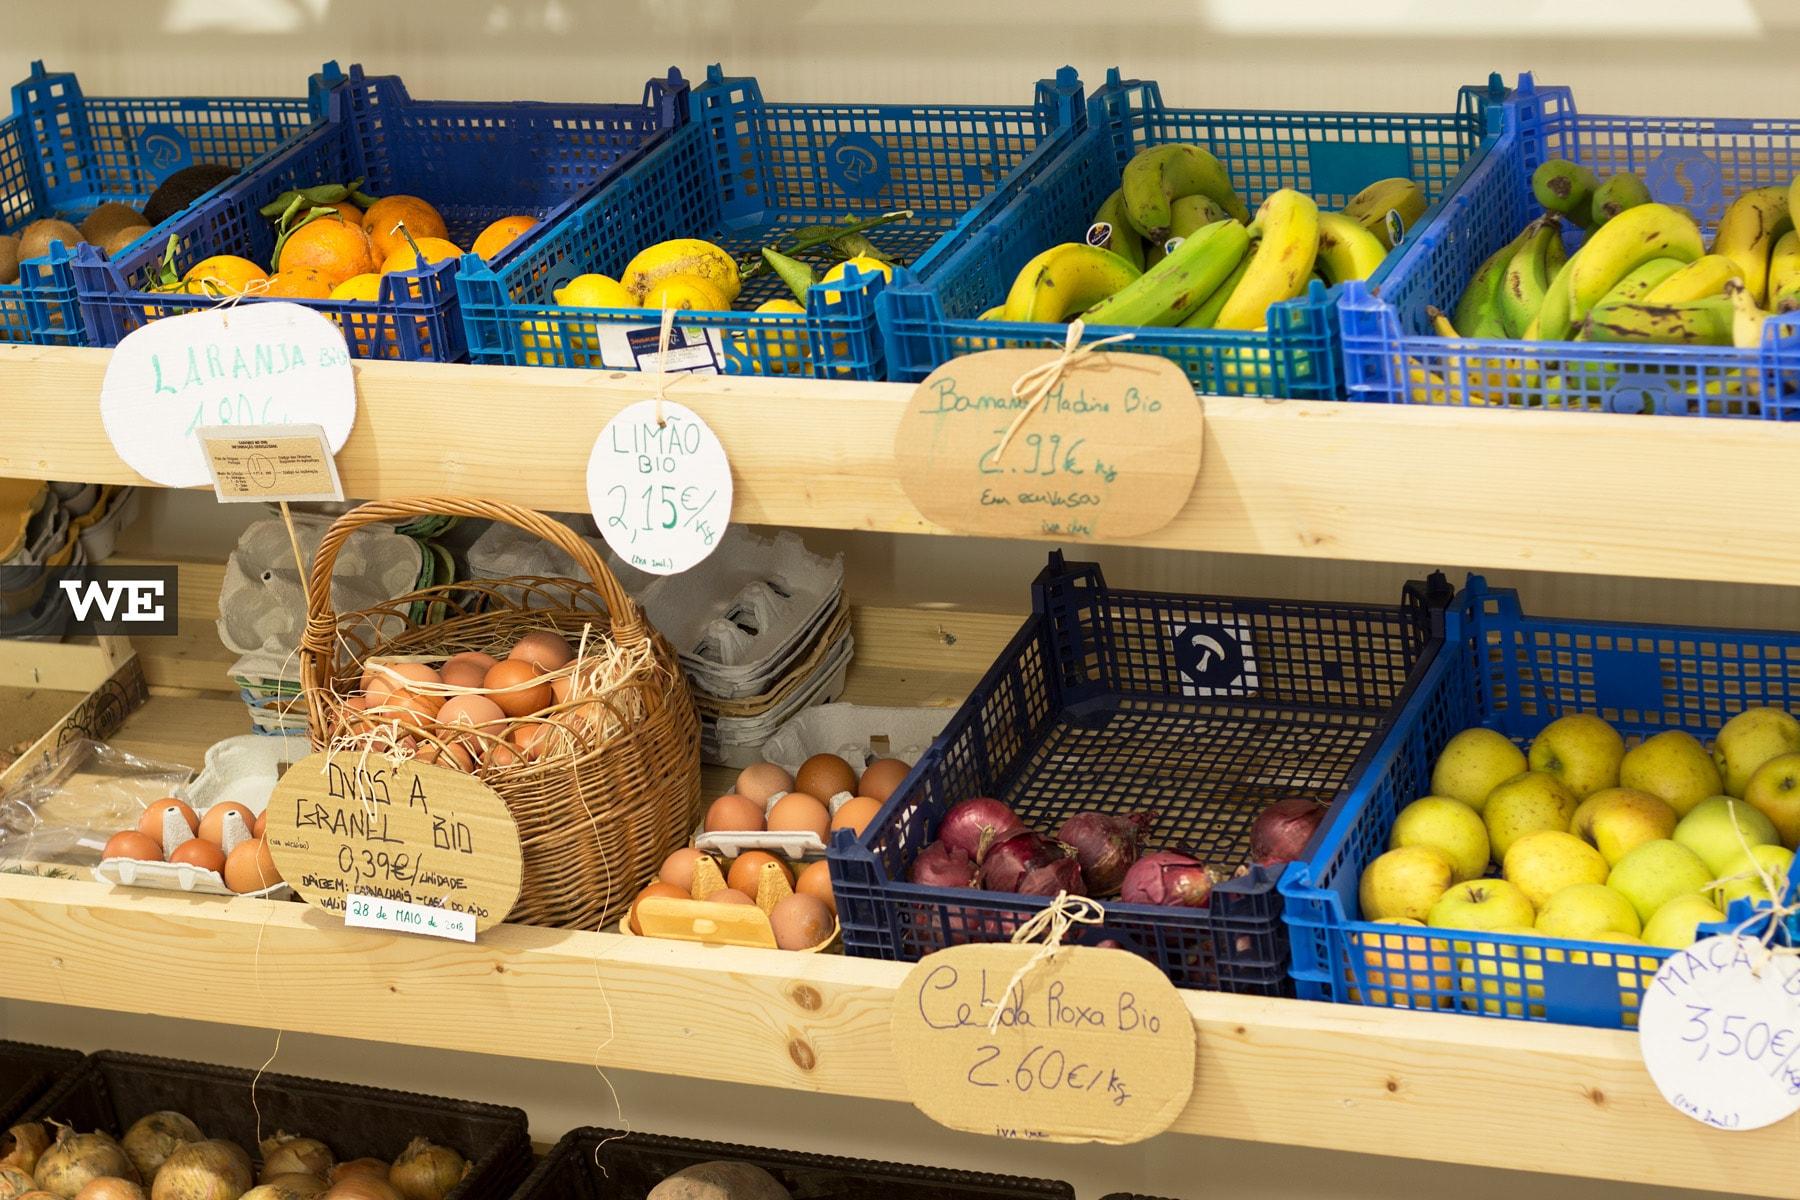 Frutas Mercado Bio